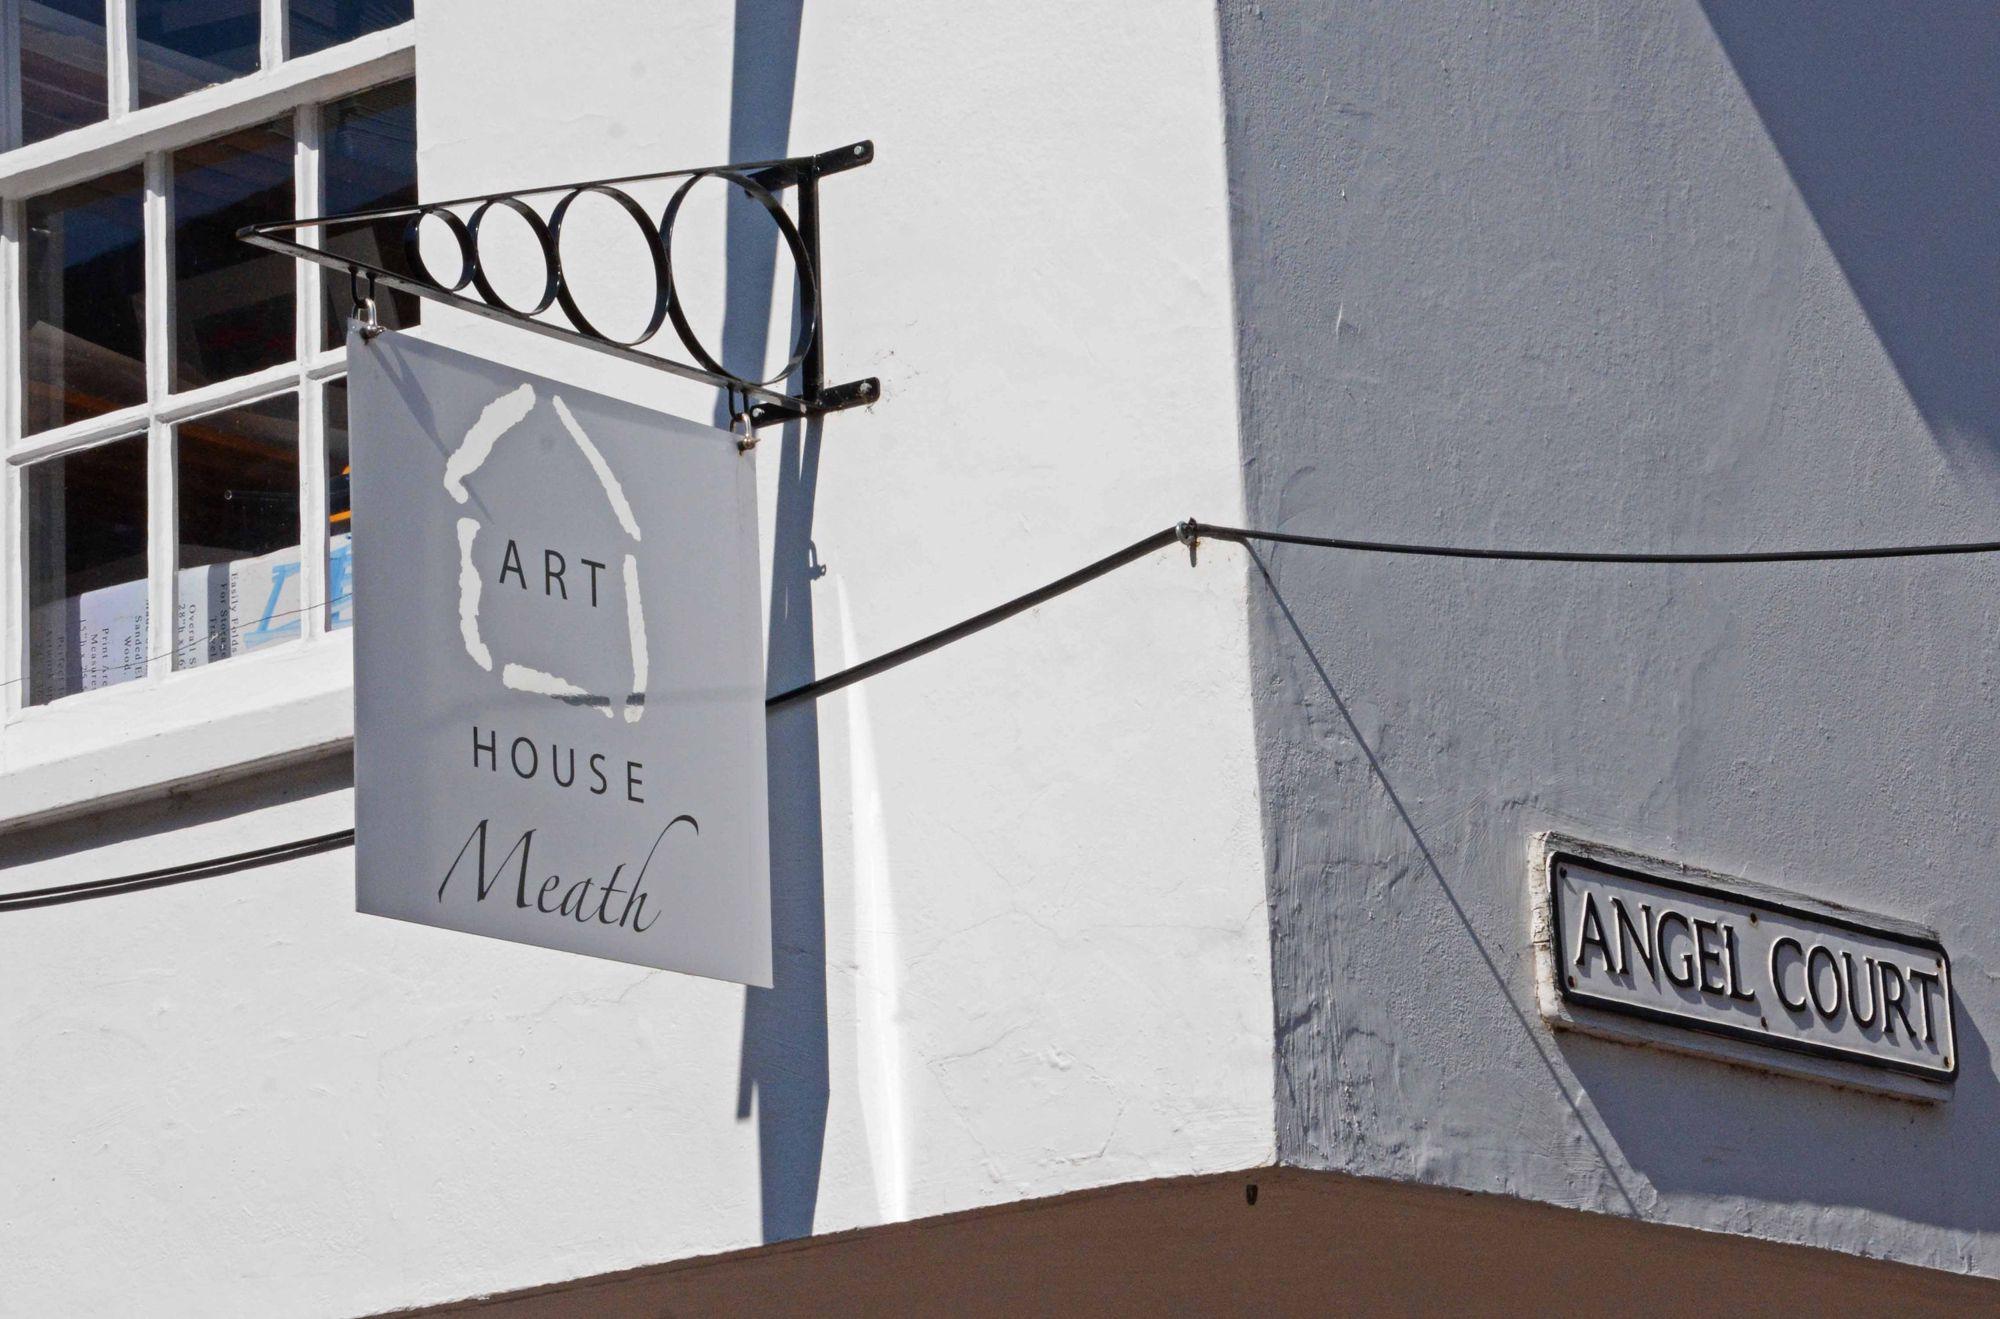 Art House Meath